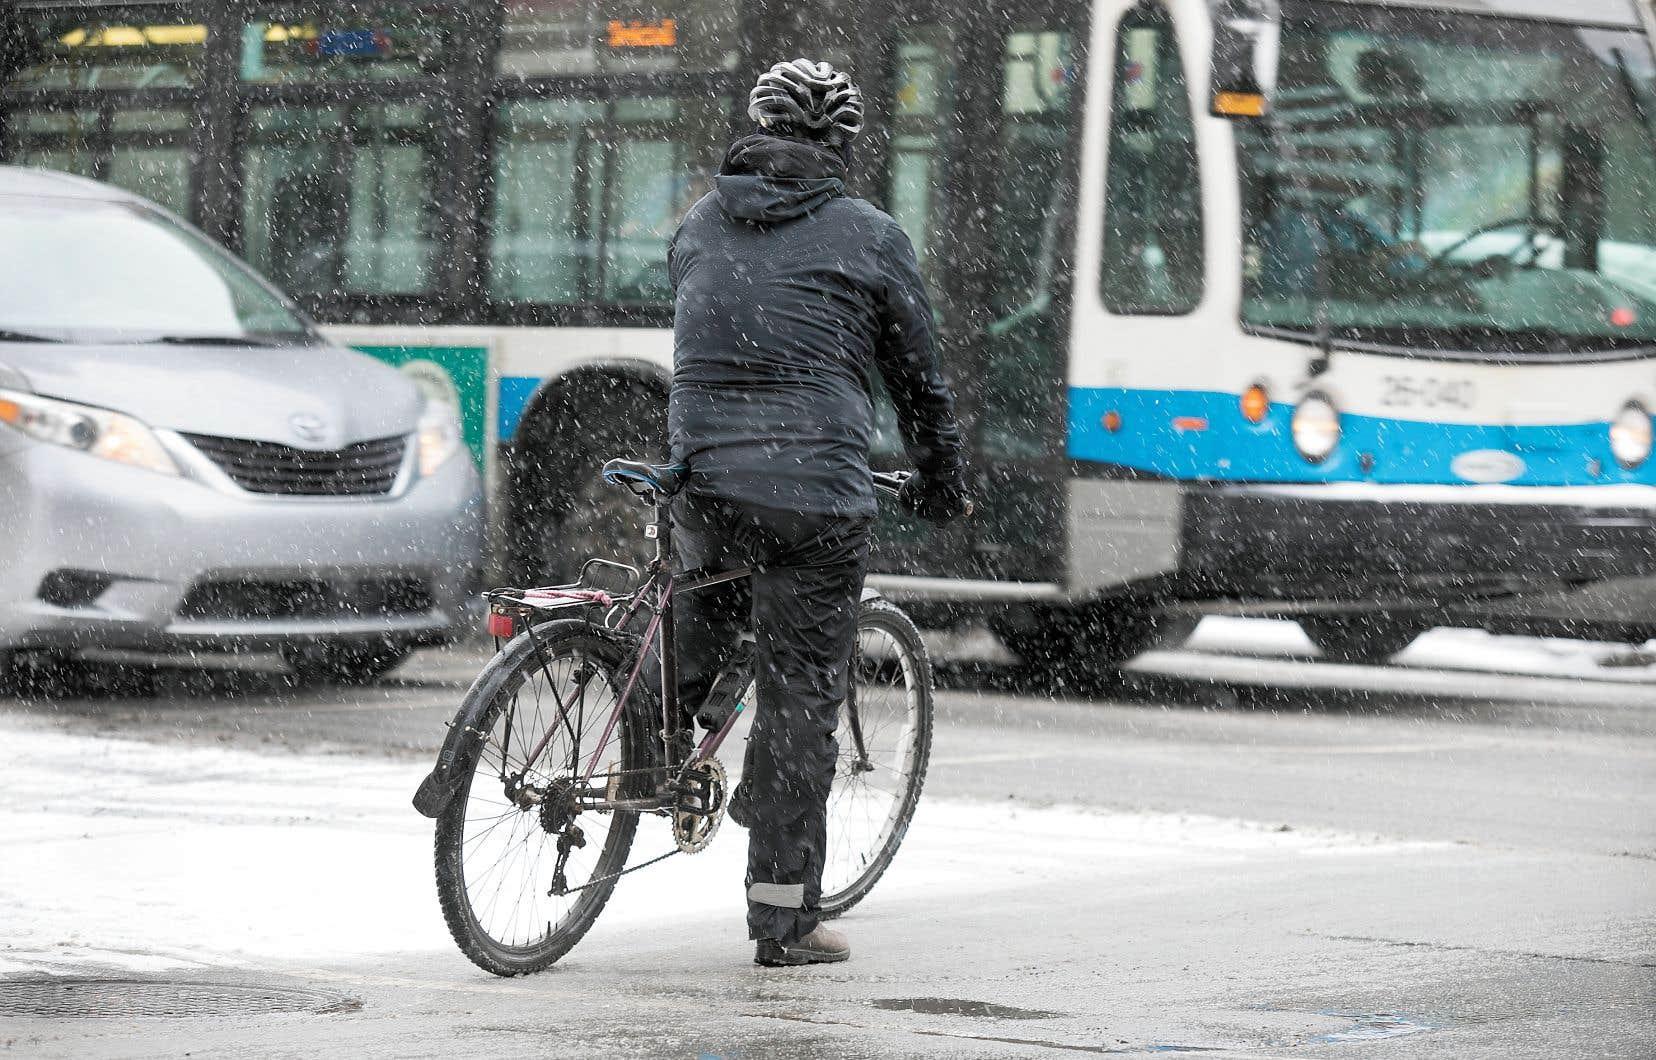 Certains étudiants ont suggéré une reconfiguration de l'espace urbain en redessinant une intersection dangereuse, notamment pour les cyclistes.